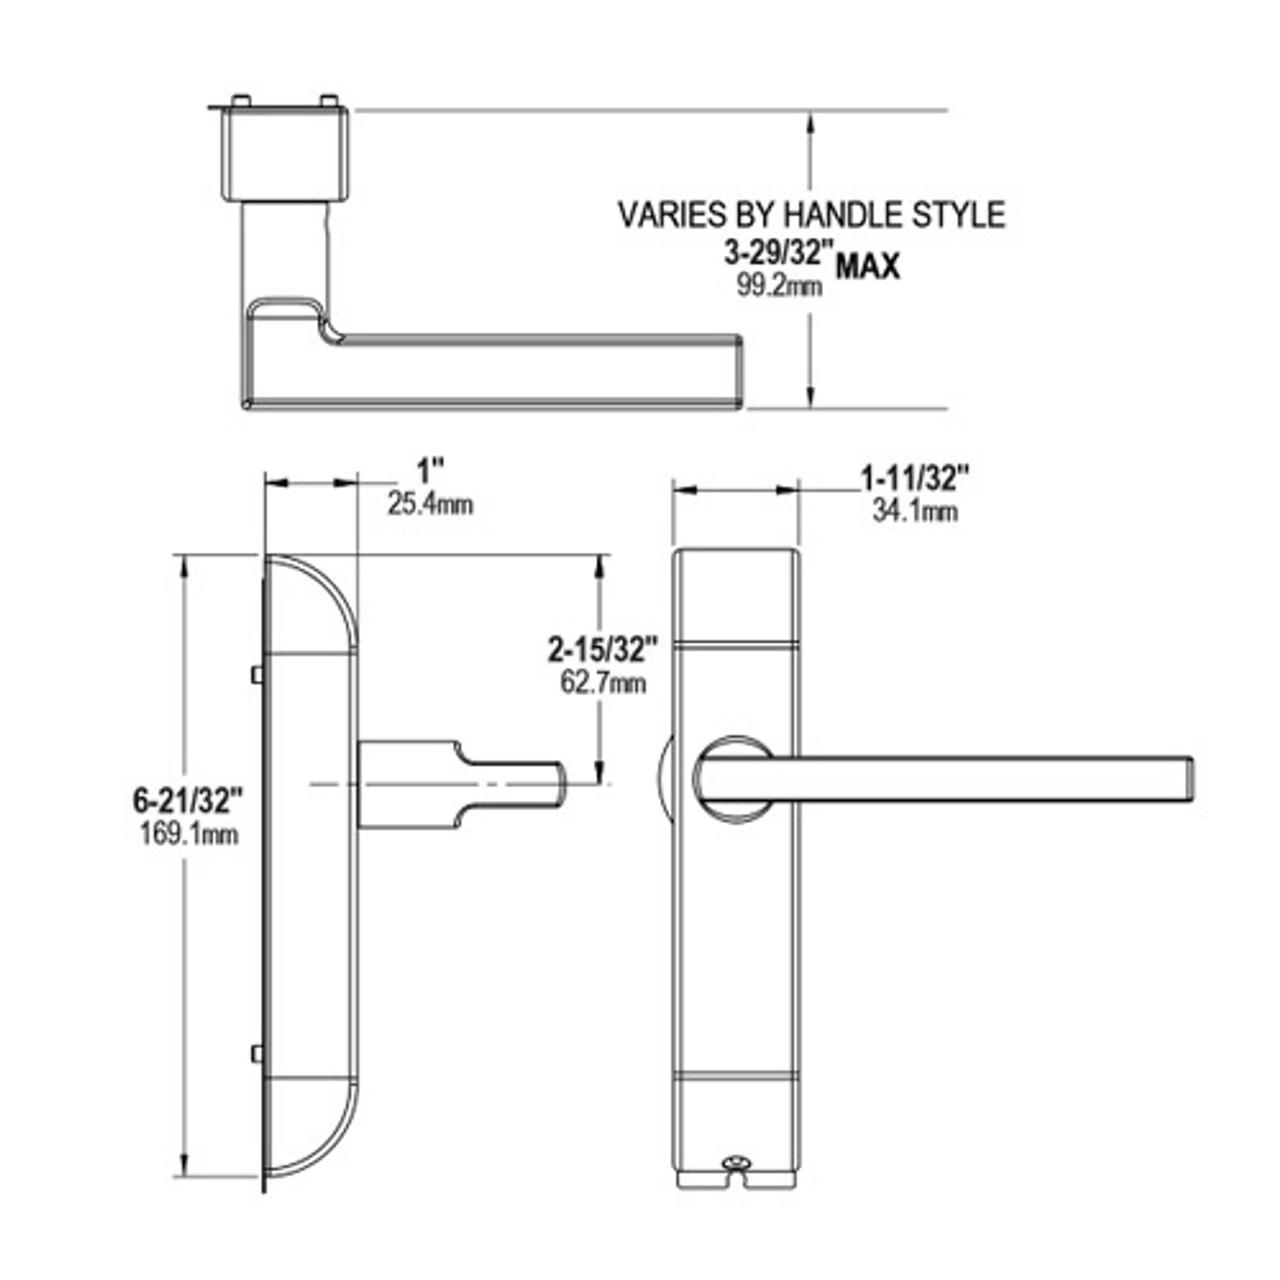 4600M-MN-531-US4 Adams Rite MN Designer handle Dimensional View